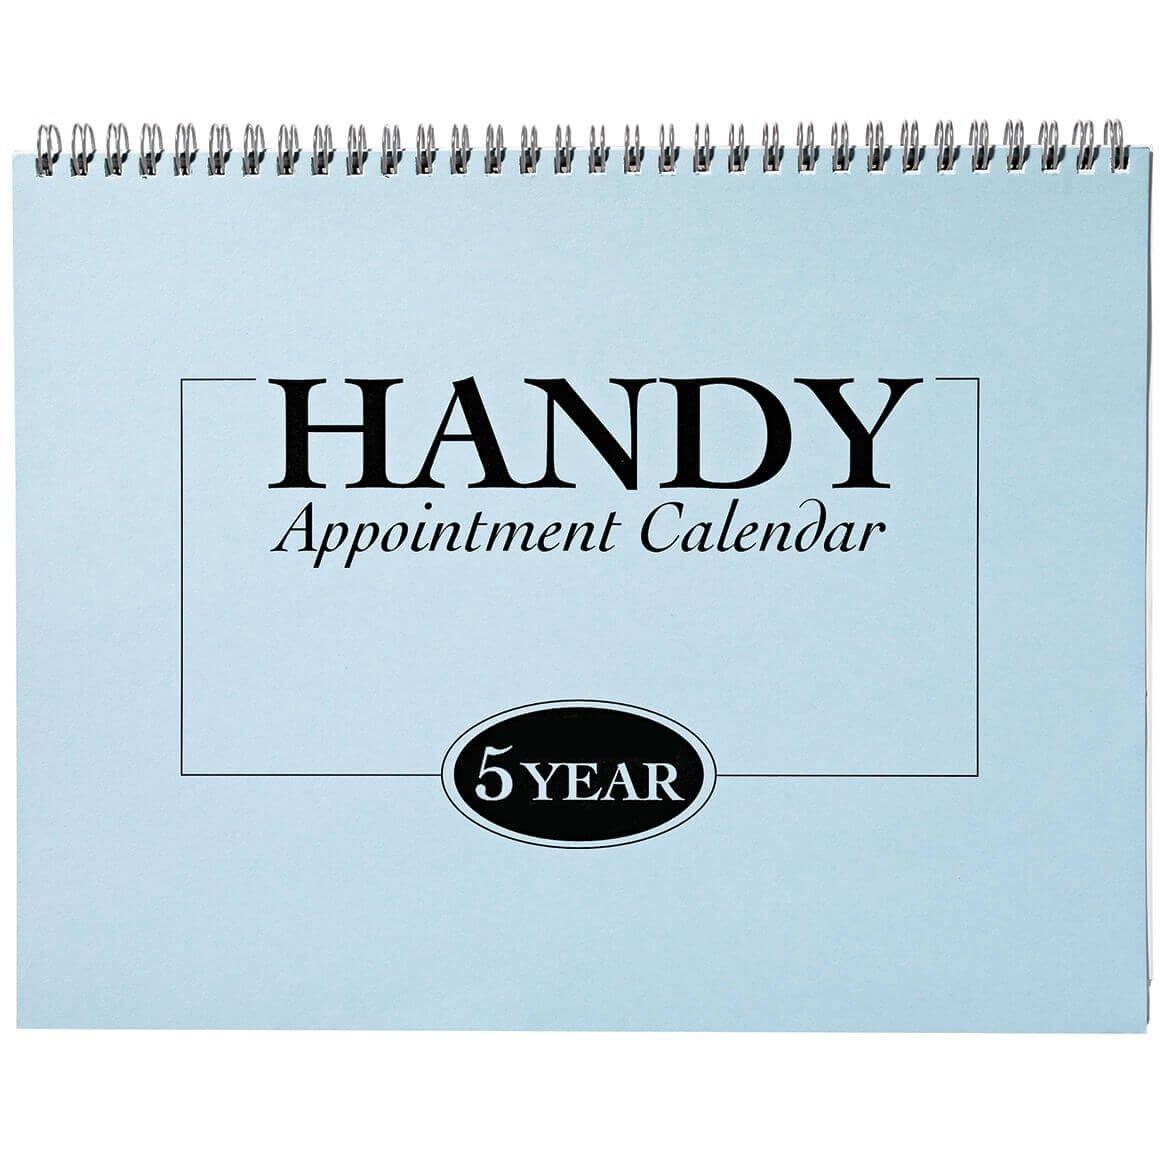 5 Yr Appointment Calendar 2021 2025